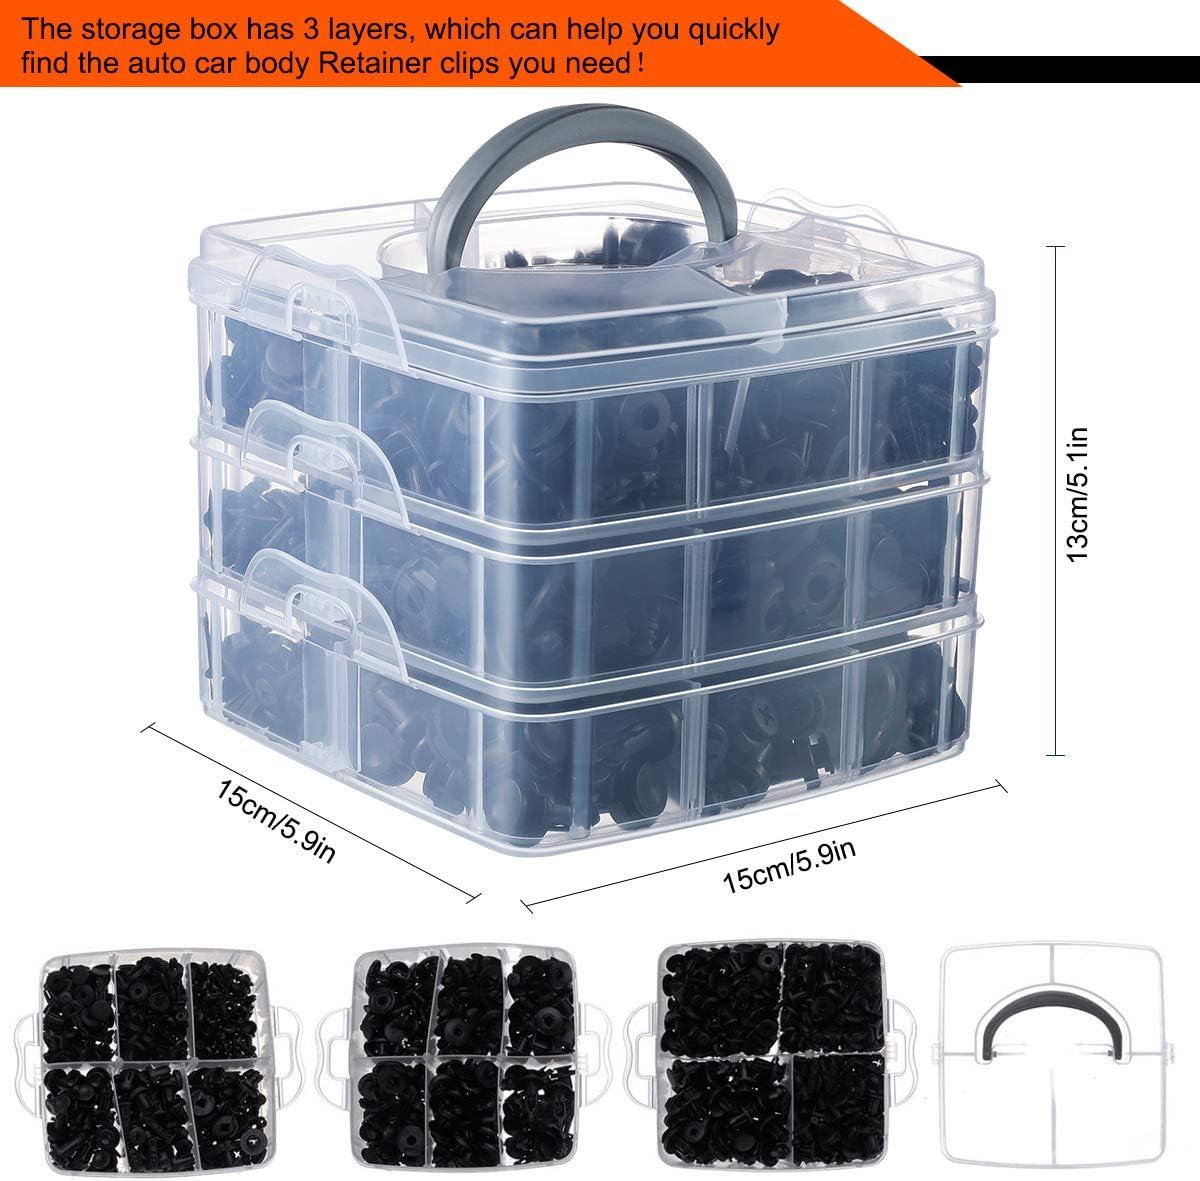 Vintoney Clips Voiture 655 Pcs Rivet Clips Plastique Fixation Noir Universel pour Auto Voitures Panneaux Garnitures de porti/ères avec Bo/îtier de Rangement et Outil D/émontage Installation